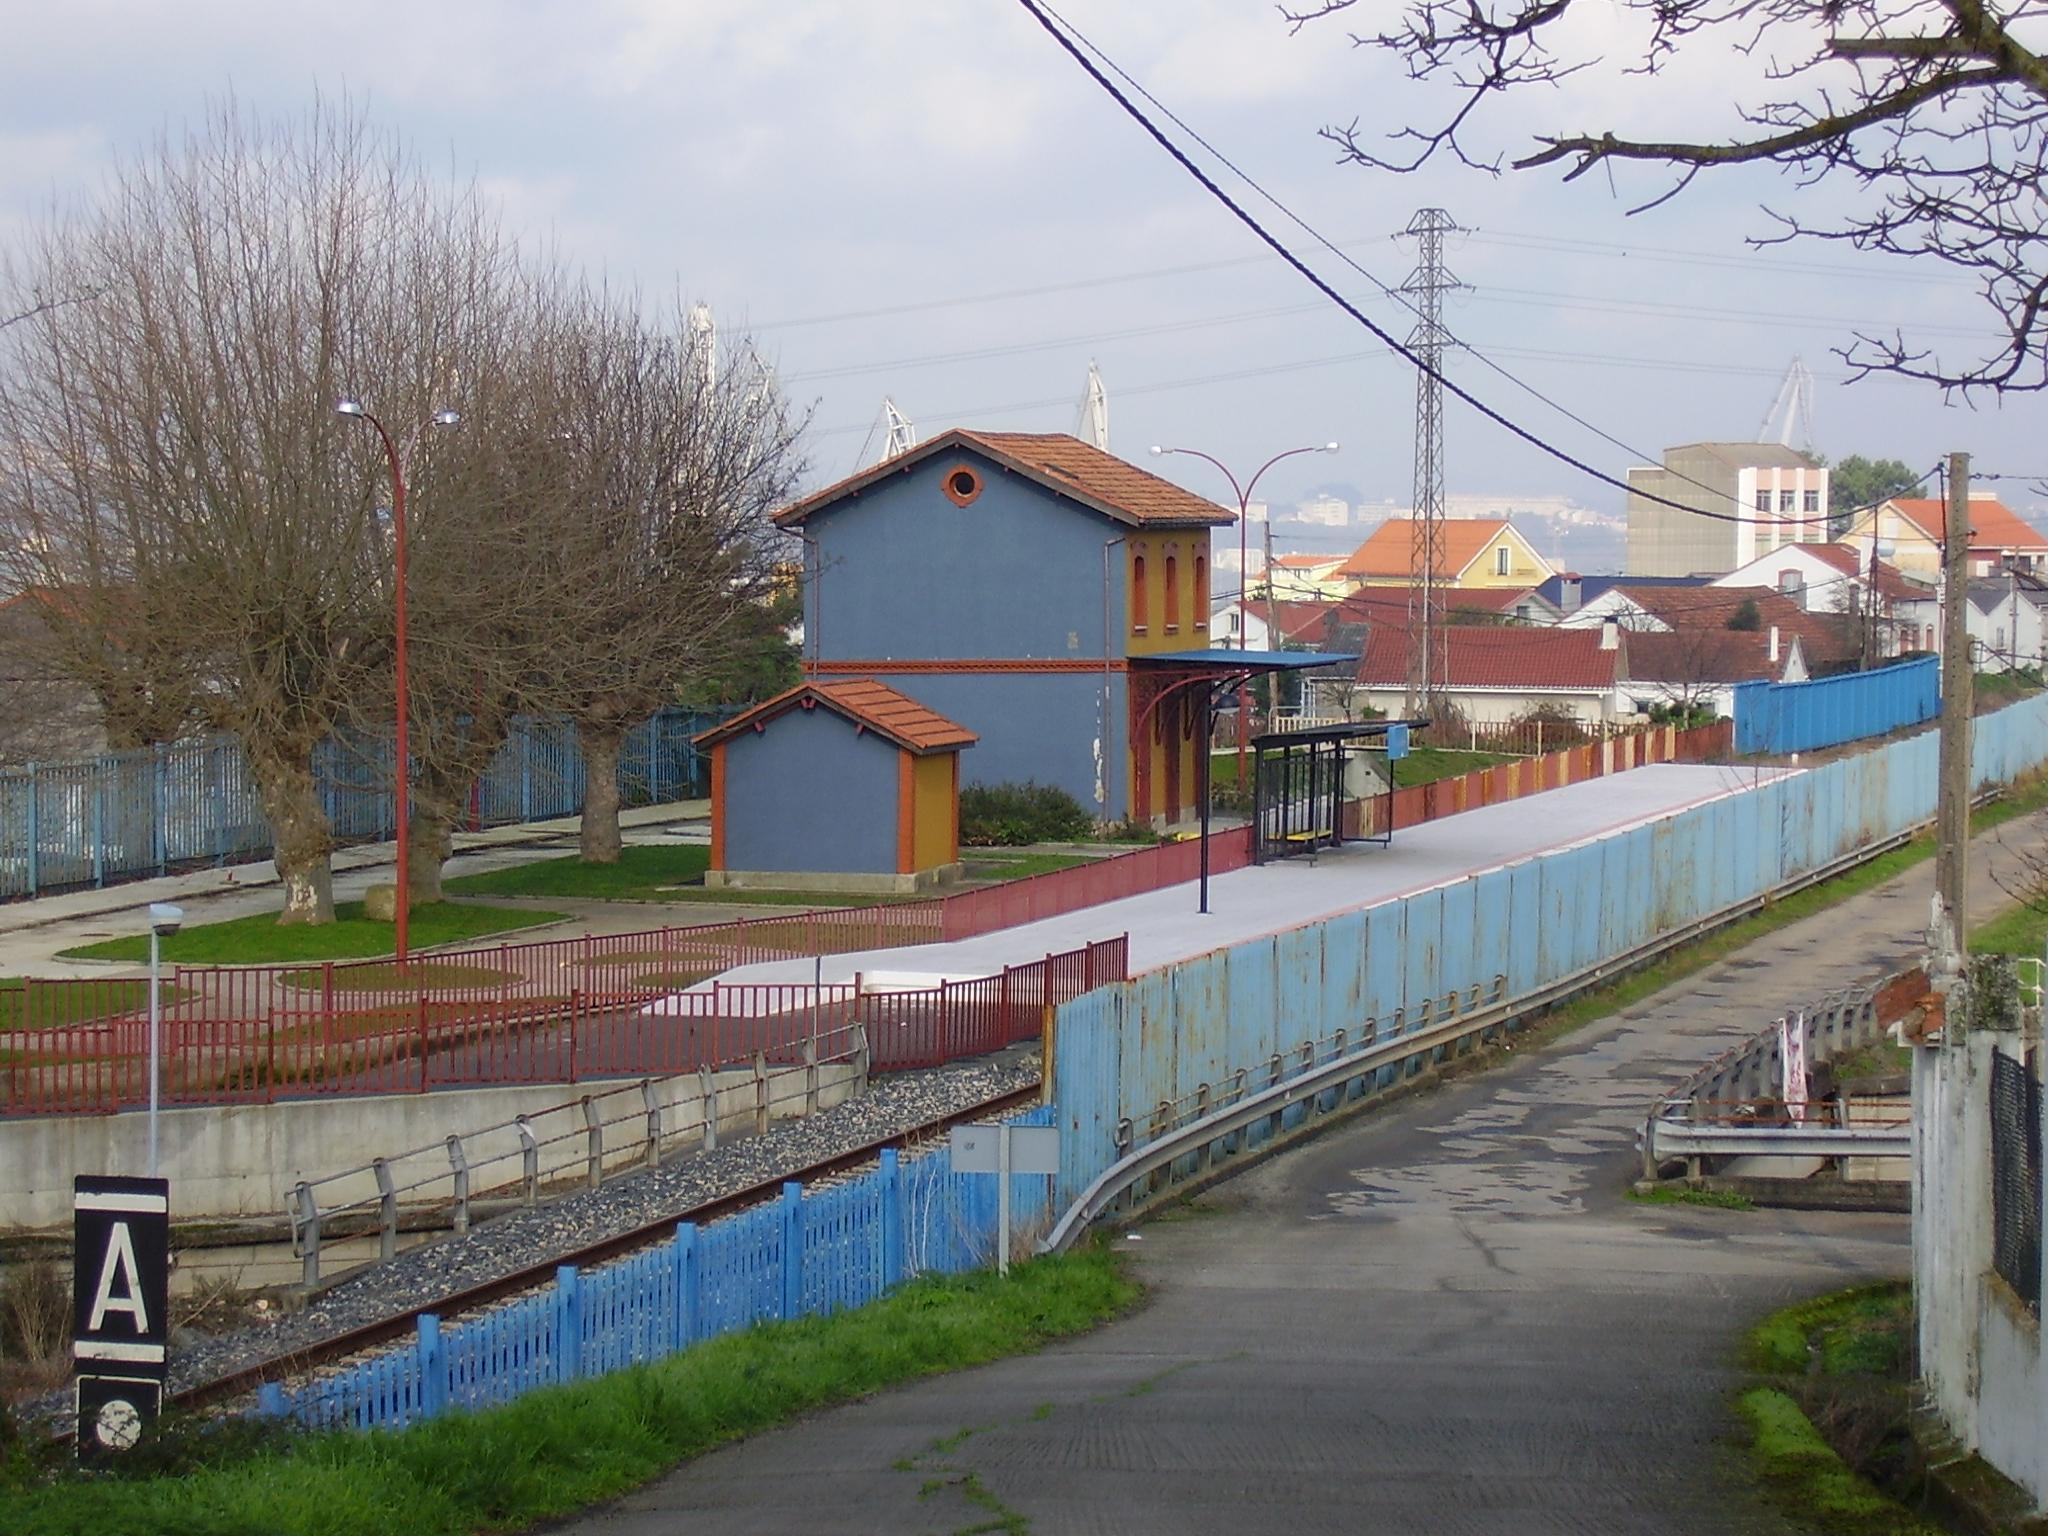 Estación de Barallobre